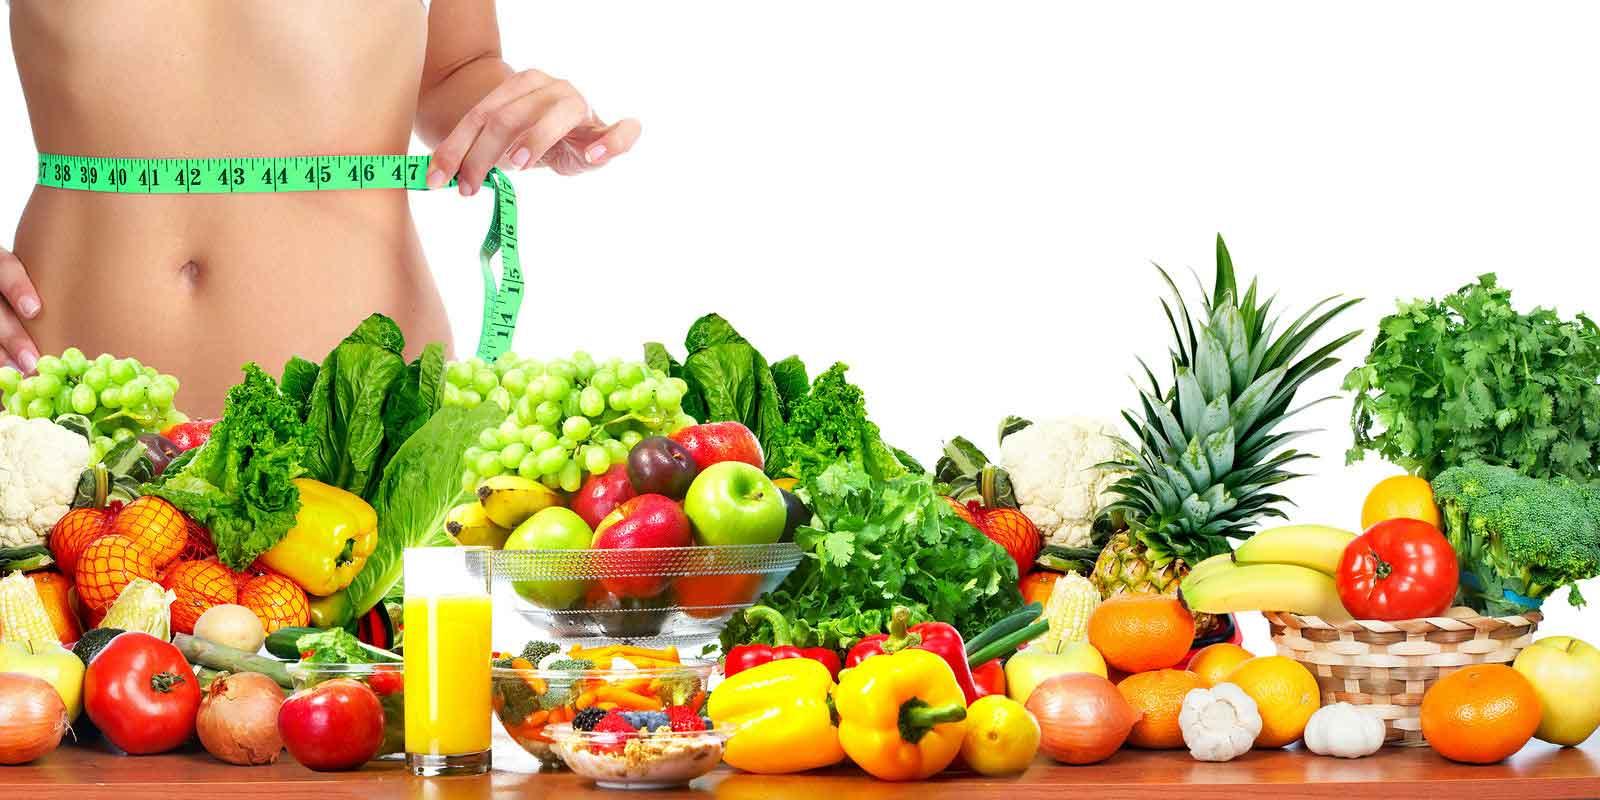 Comment perdre du poids tout en mangeant